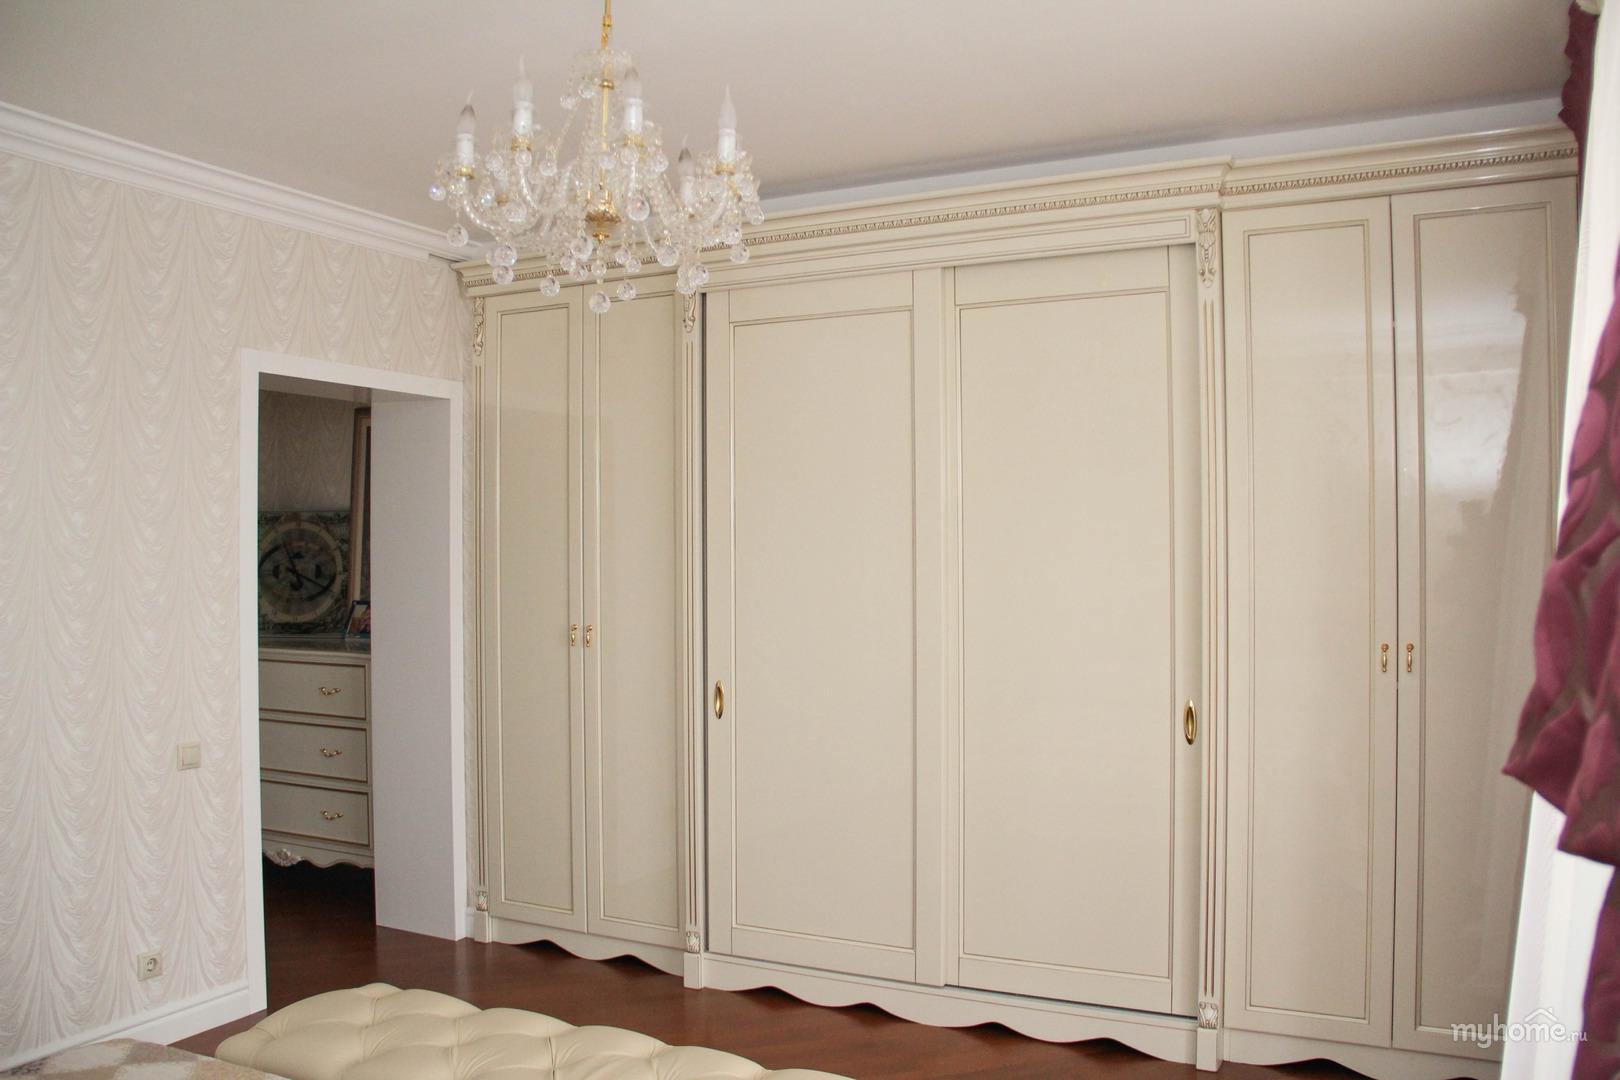 Встроенный шкаф в пастельных тонах